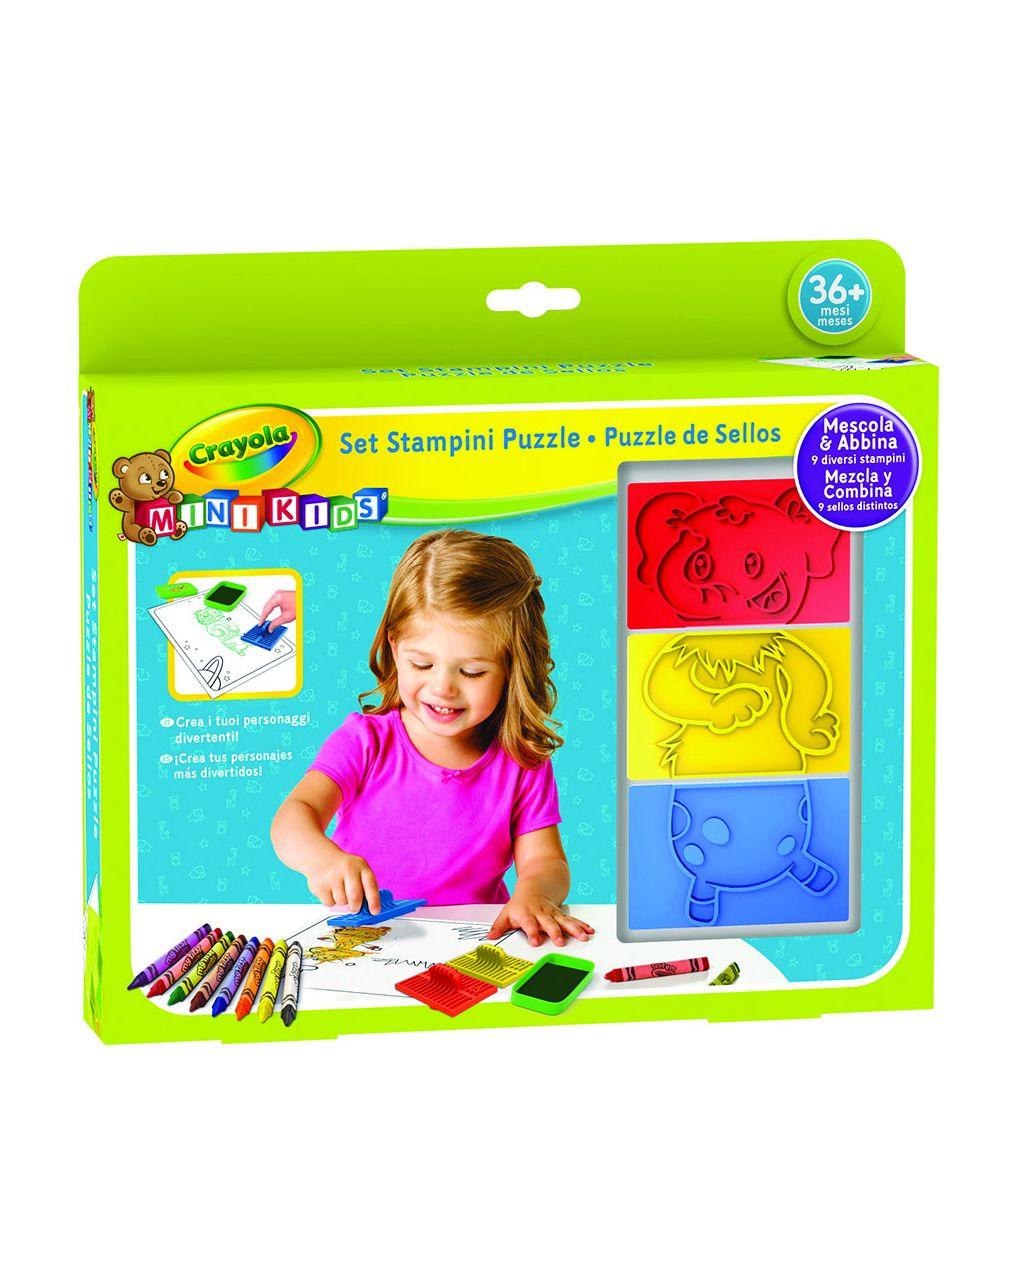 Crayola - conjunto de moldes de mini quebra-cabeças infantis - Crayola